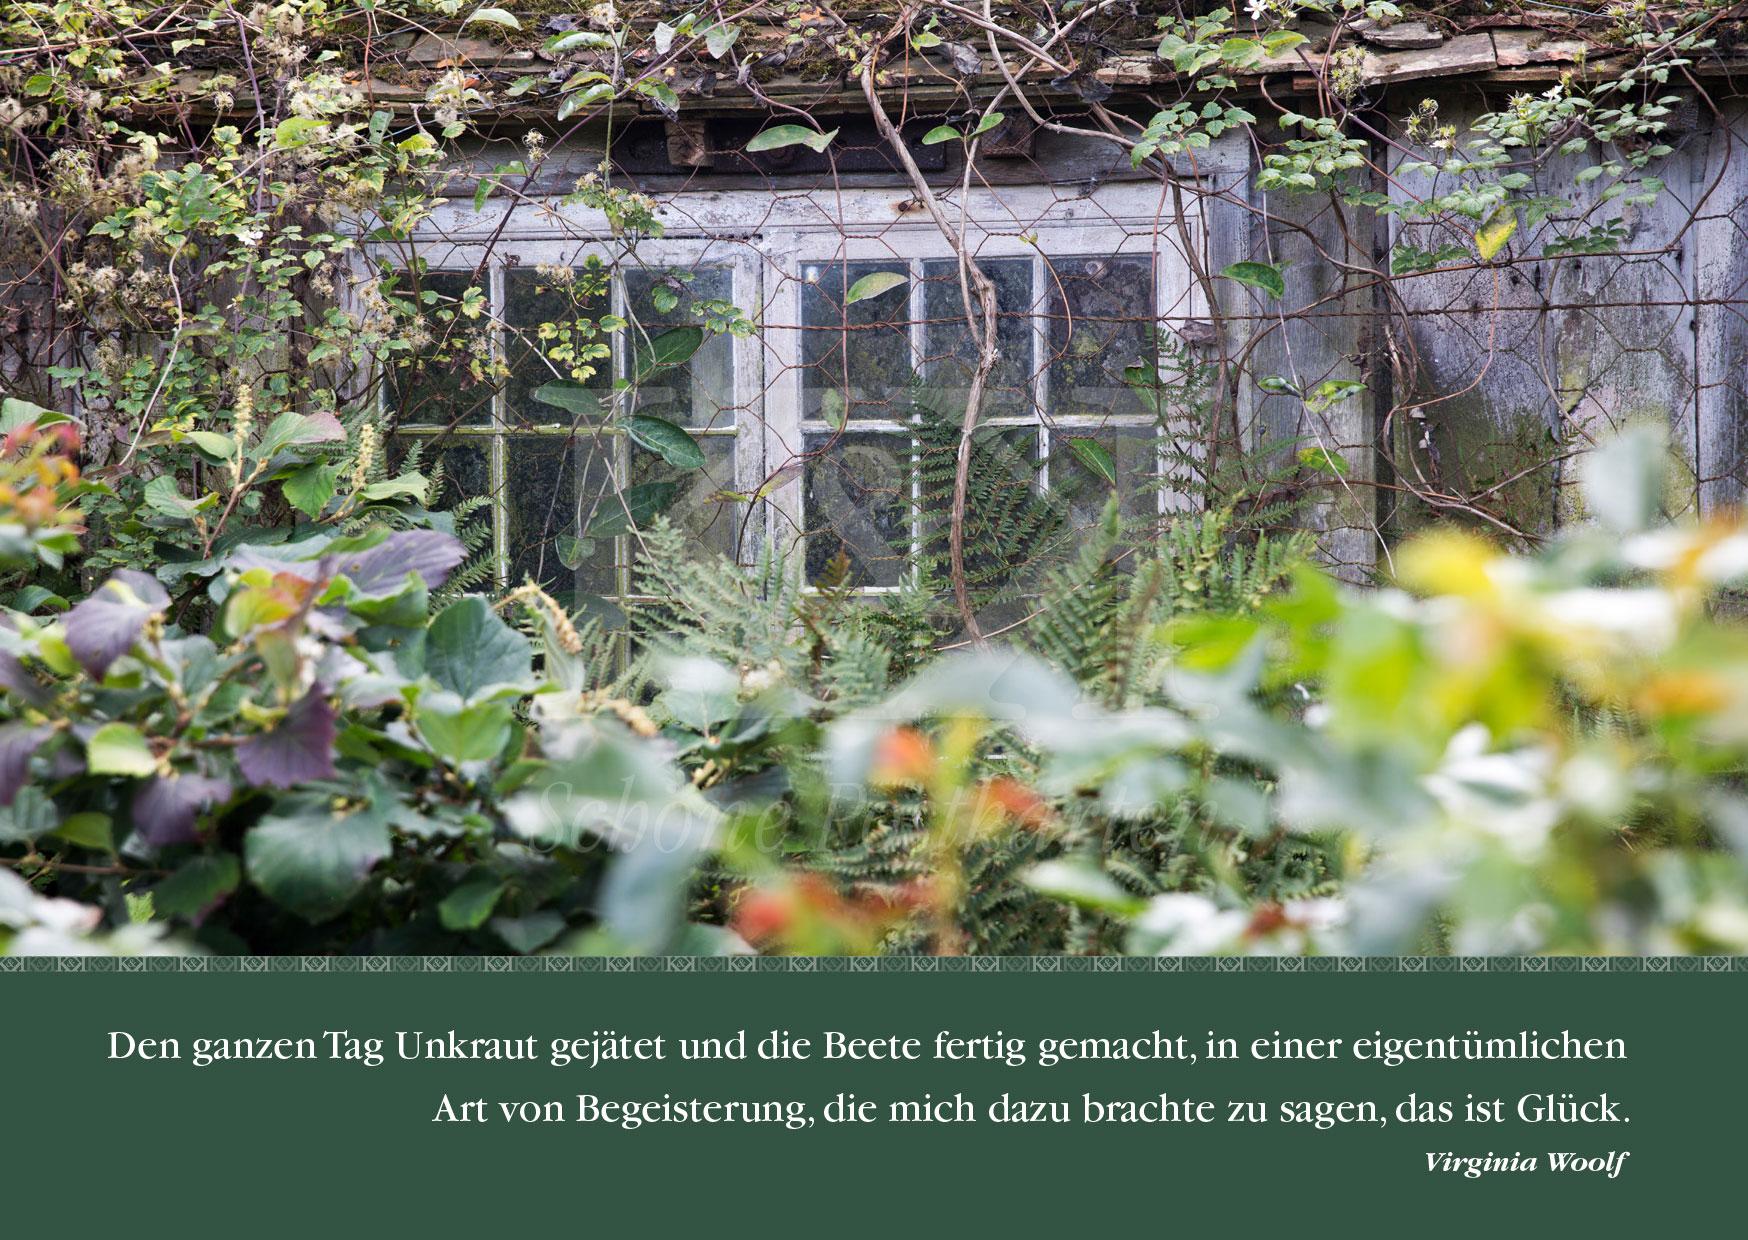 Schöne Postkarte Nr. 2 · Virginia Woolf: Unkraut jäten © 2017